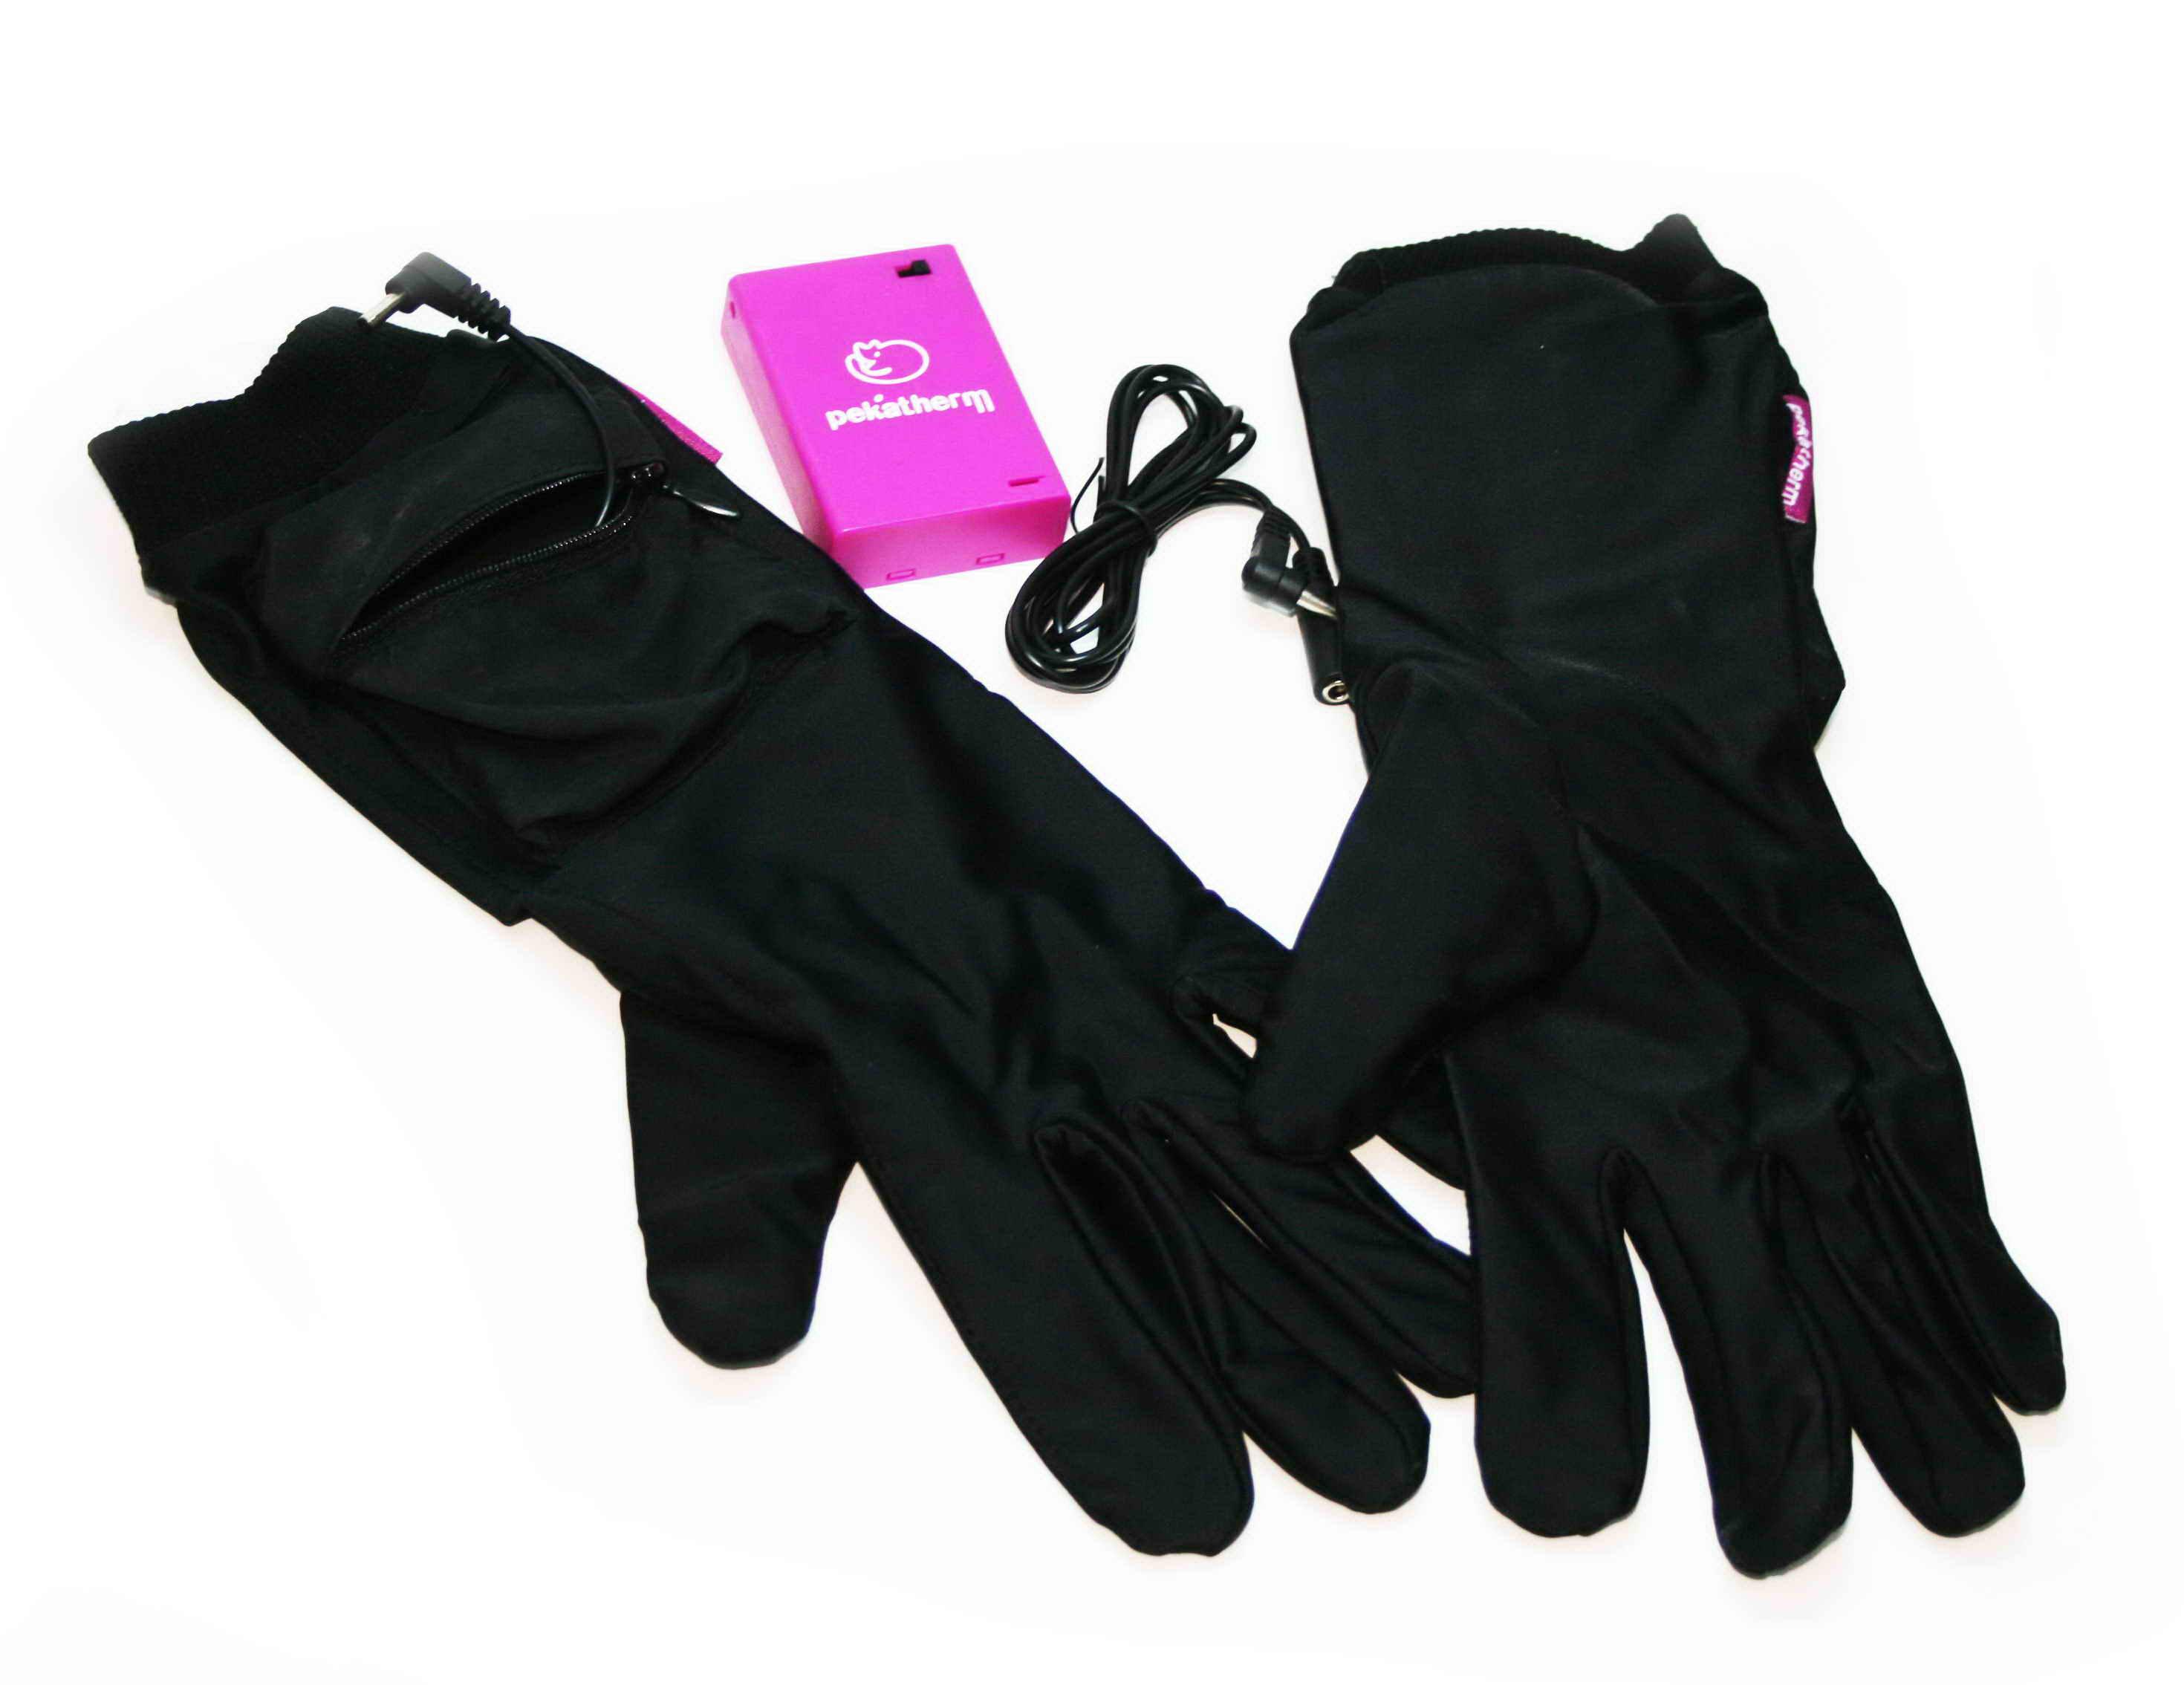 Скоро будет холодно: знакомимся с компанией Pekatherm и выбираем перчатки с подогревом - 7